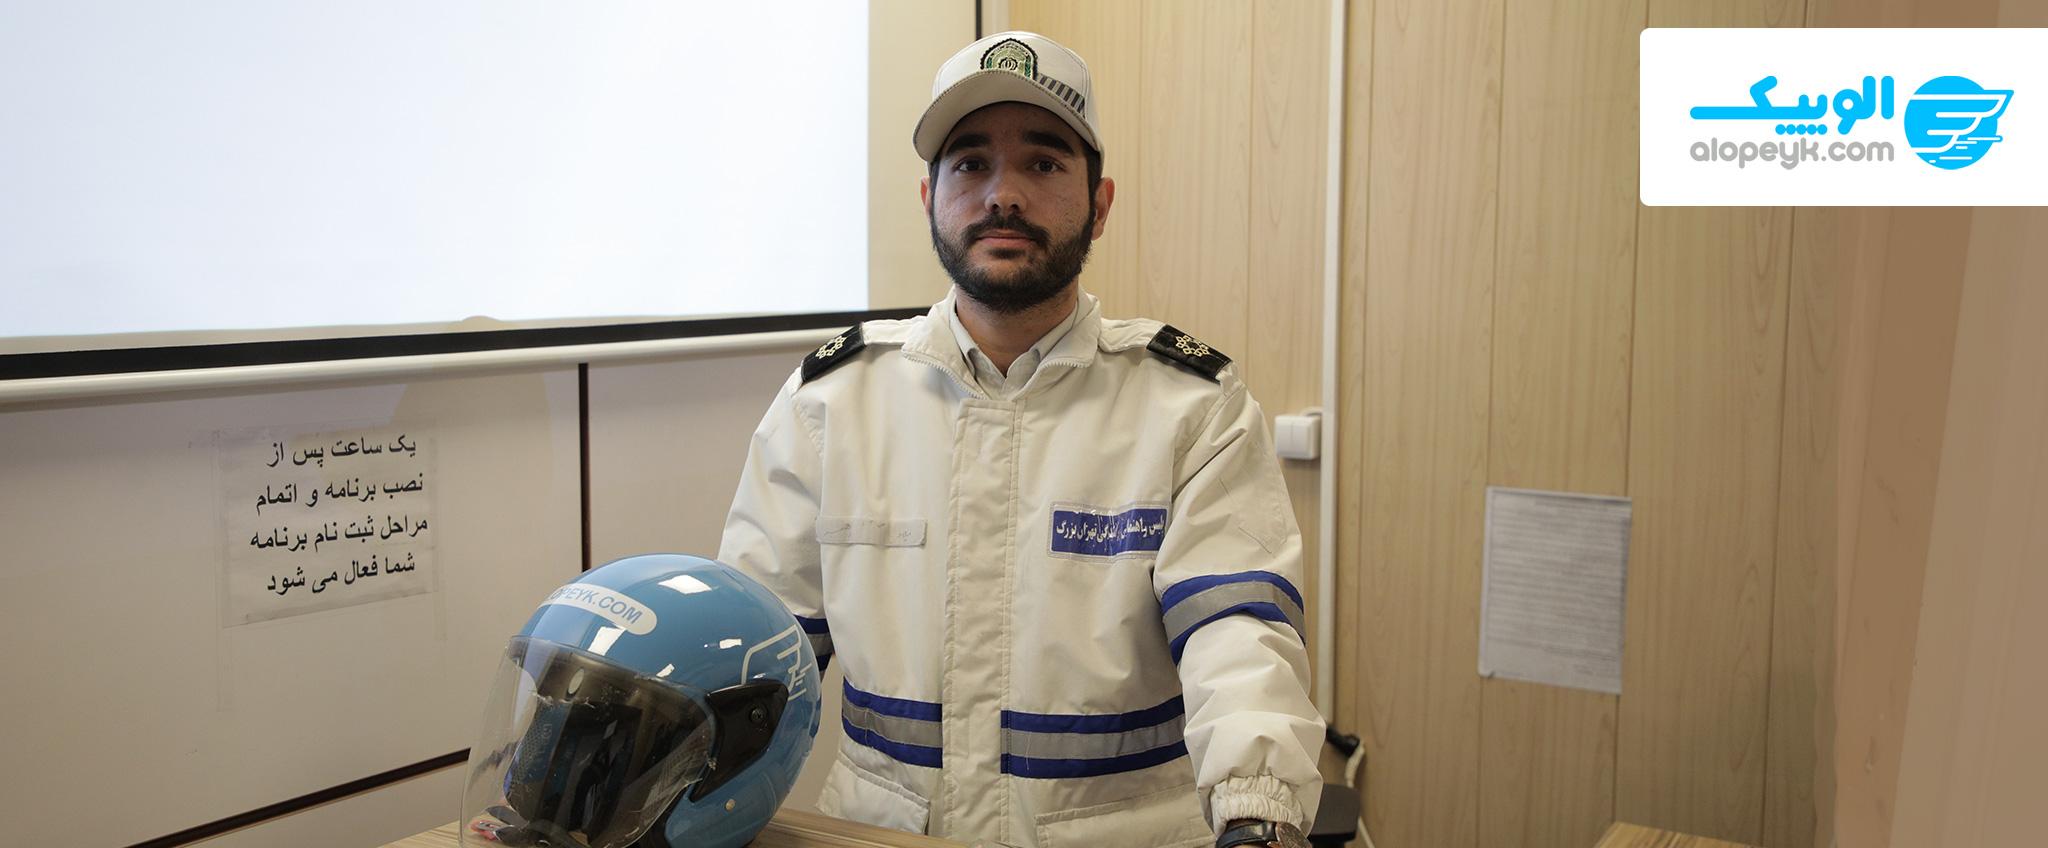 کلاس قوانین راهنمای و رانندگی و ترافیکی برای سفیران الوپیک